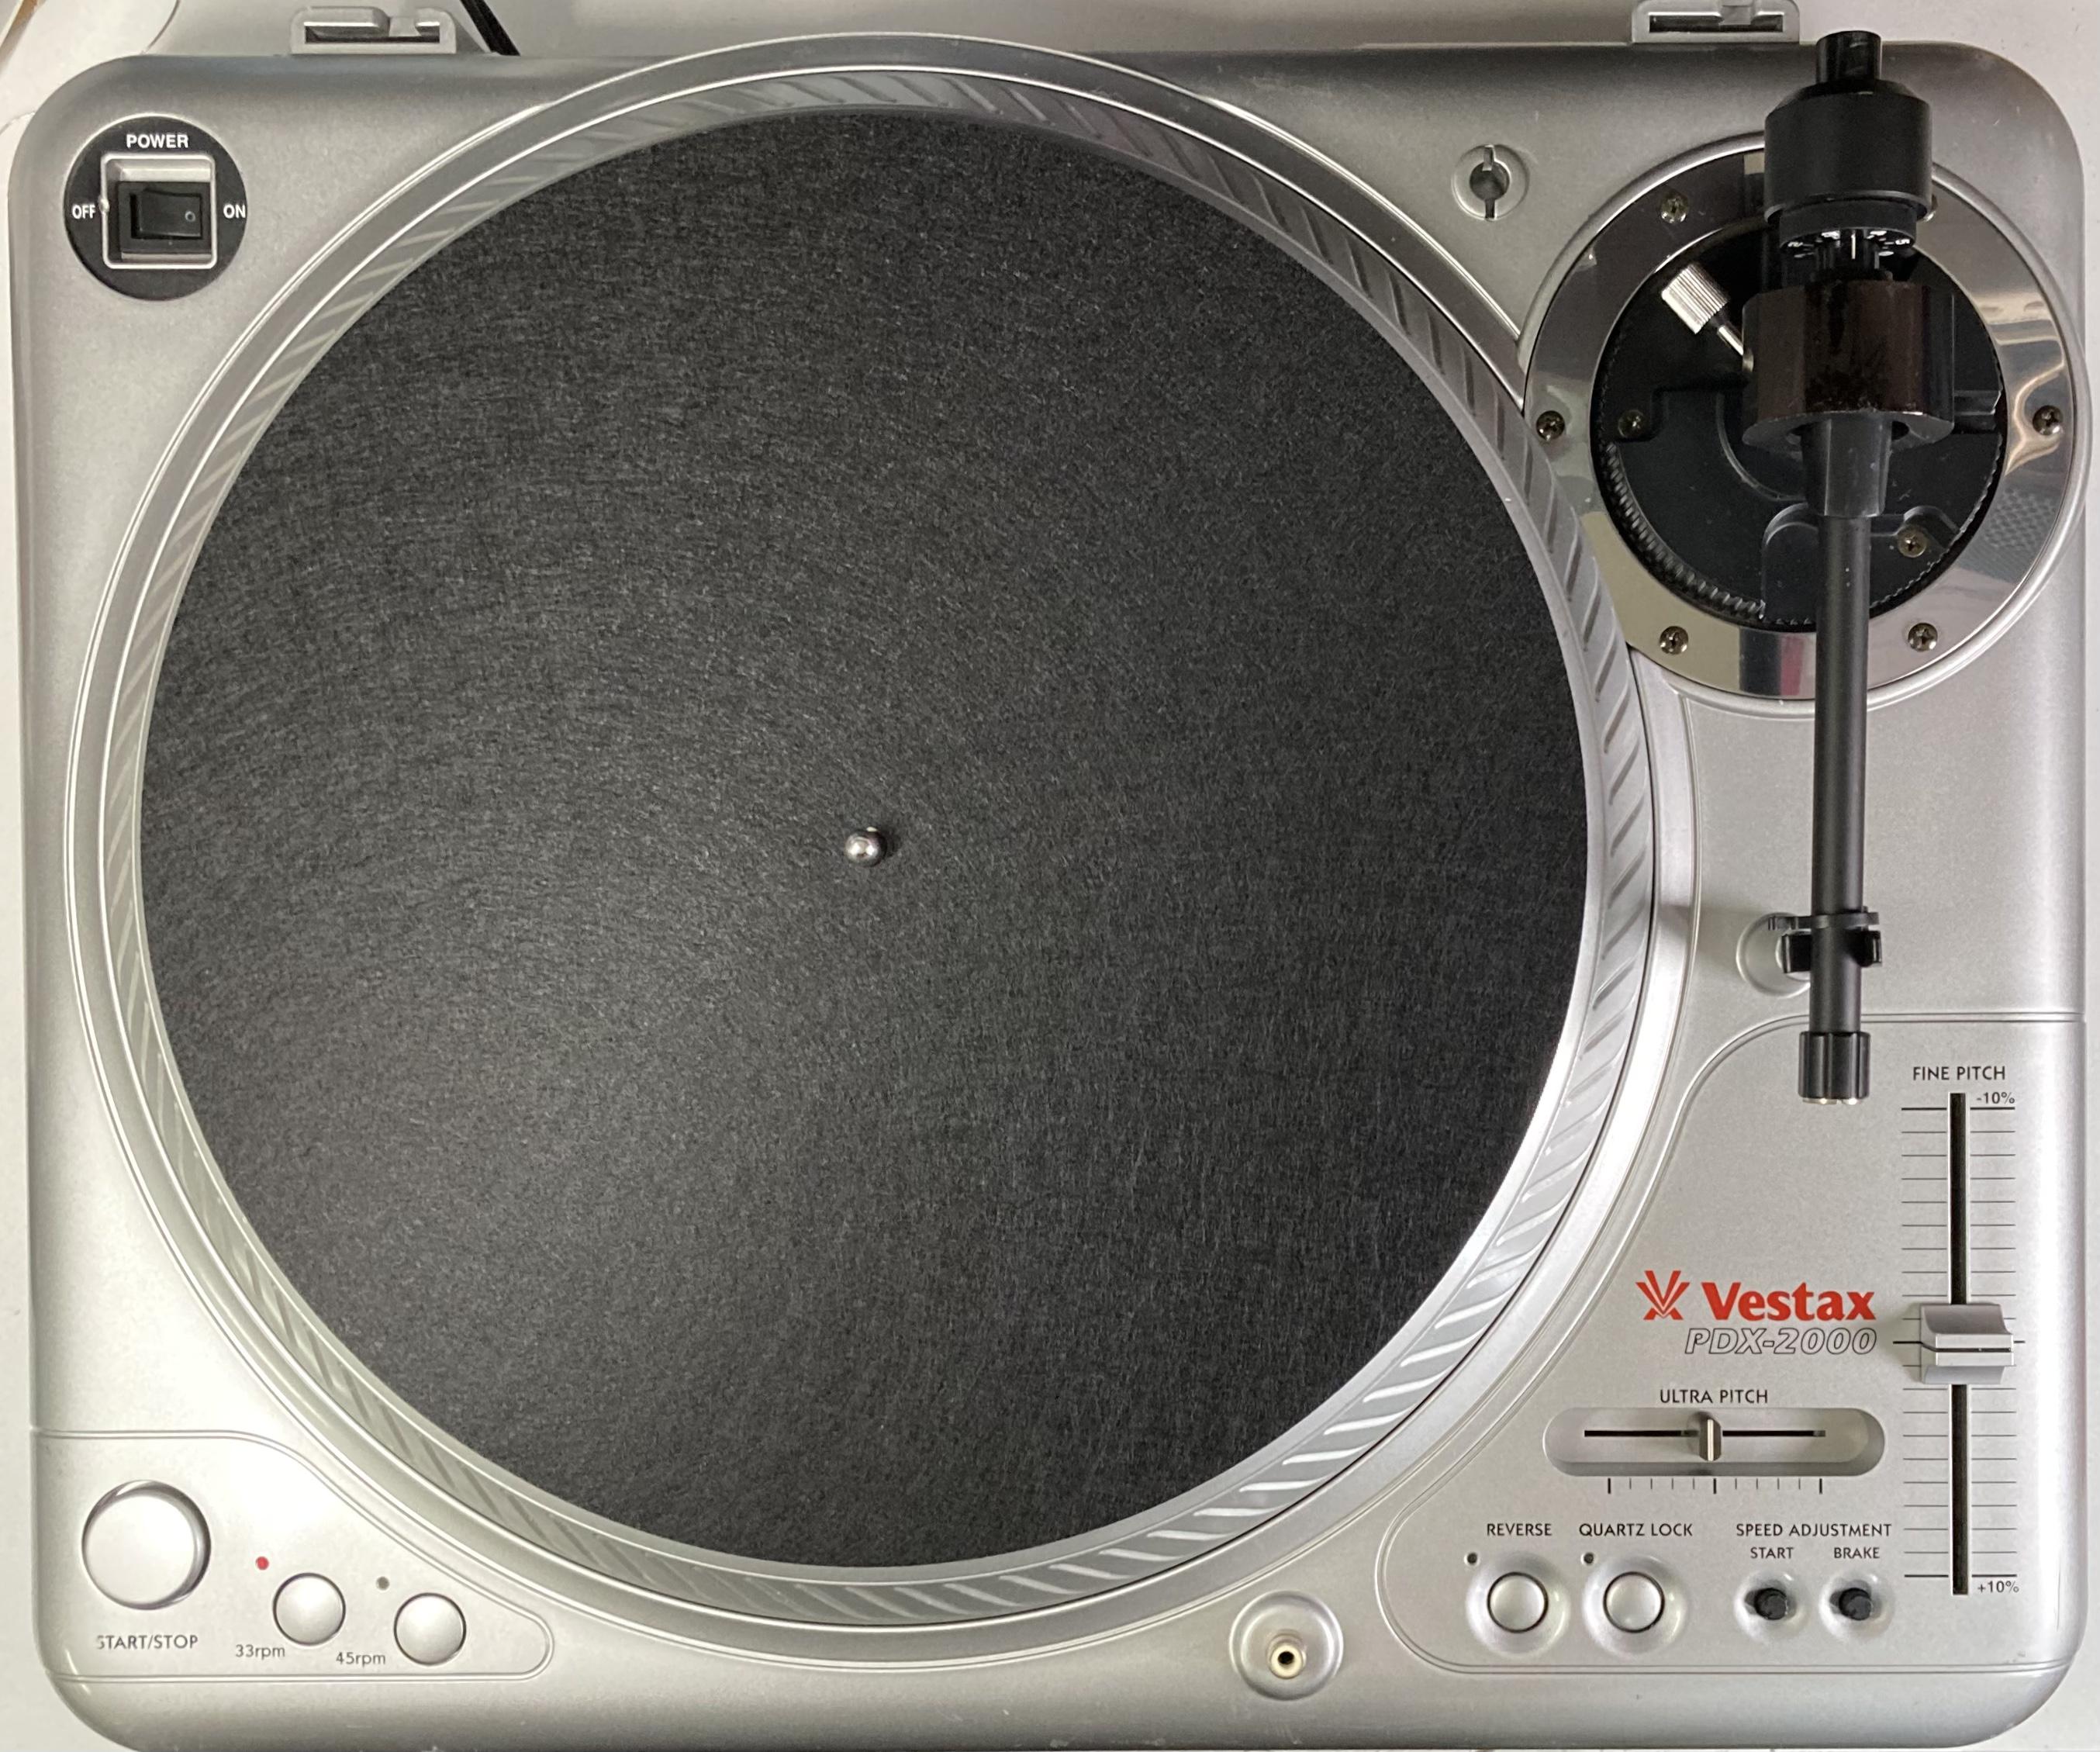 [安心のメンテナンス/カスタム済USED] Vestax PDX-2000 シルバー(インシュレーター改善品) 【6ヶ月保証付き】 TT-0103